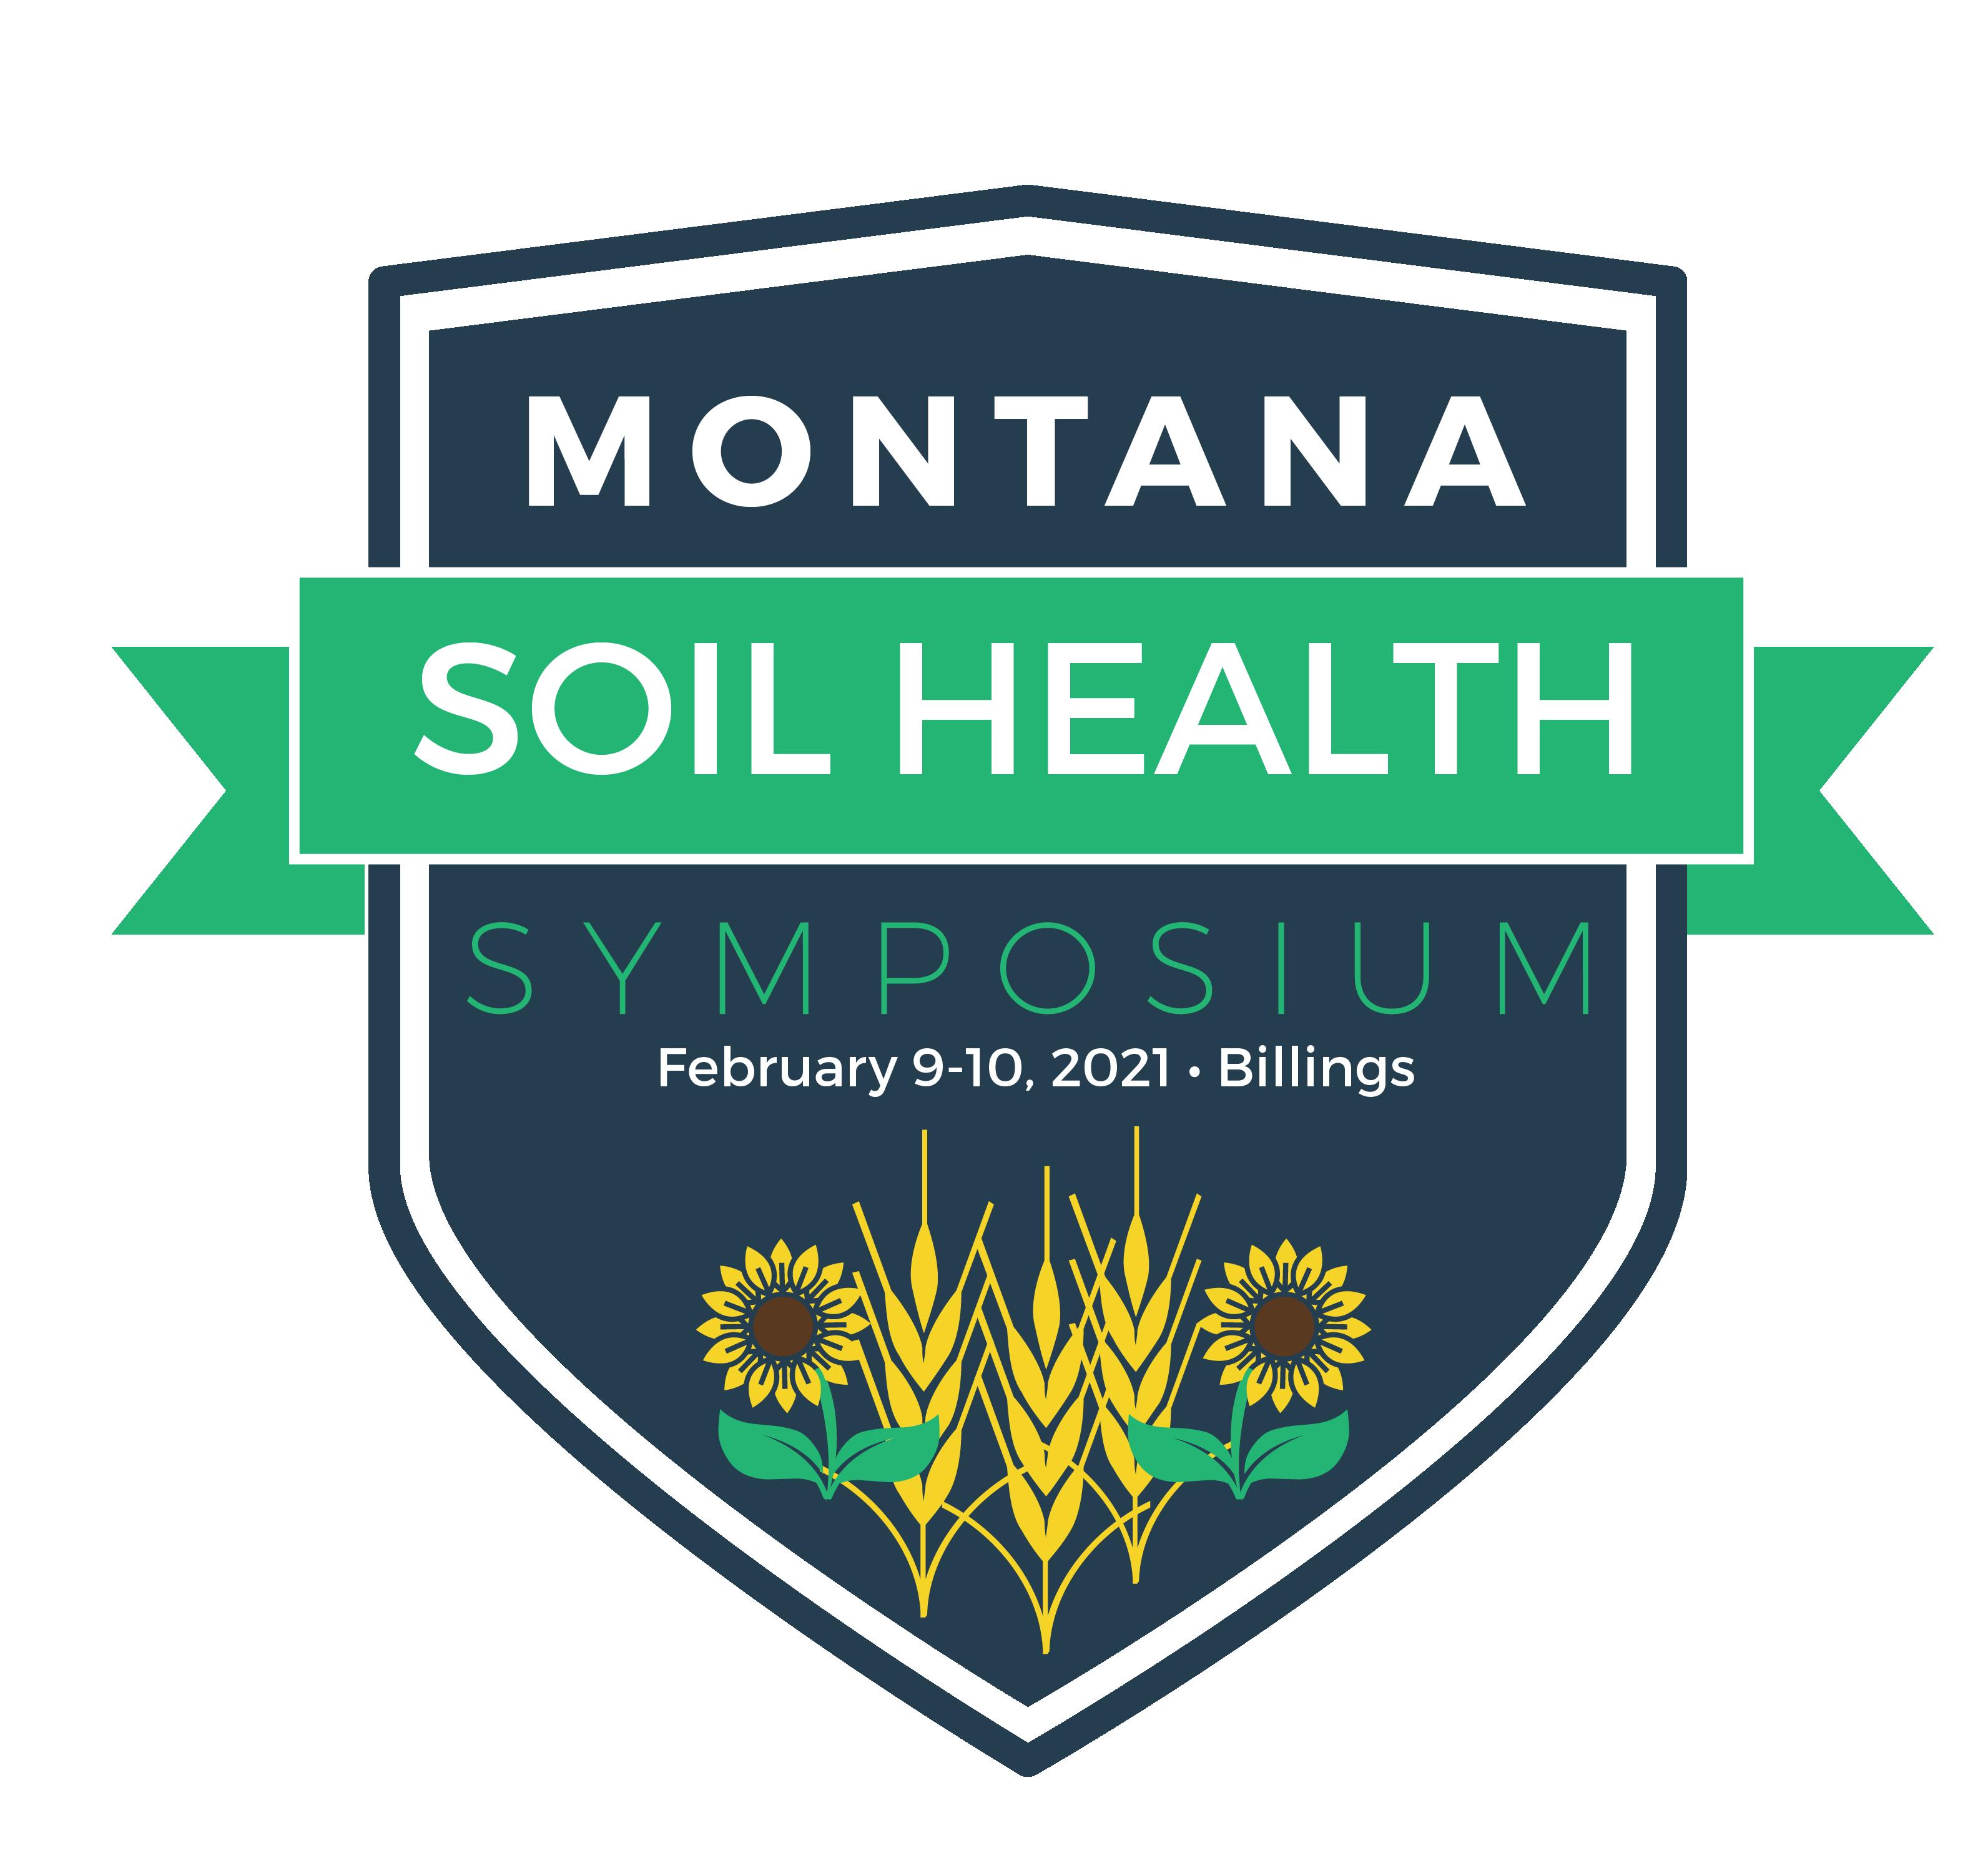 Montana Soil Health Symposium